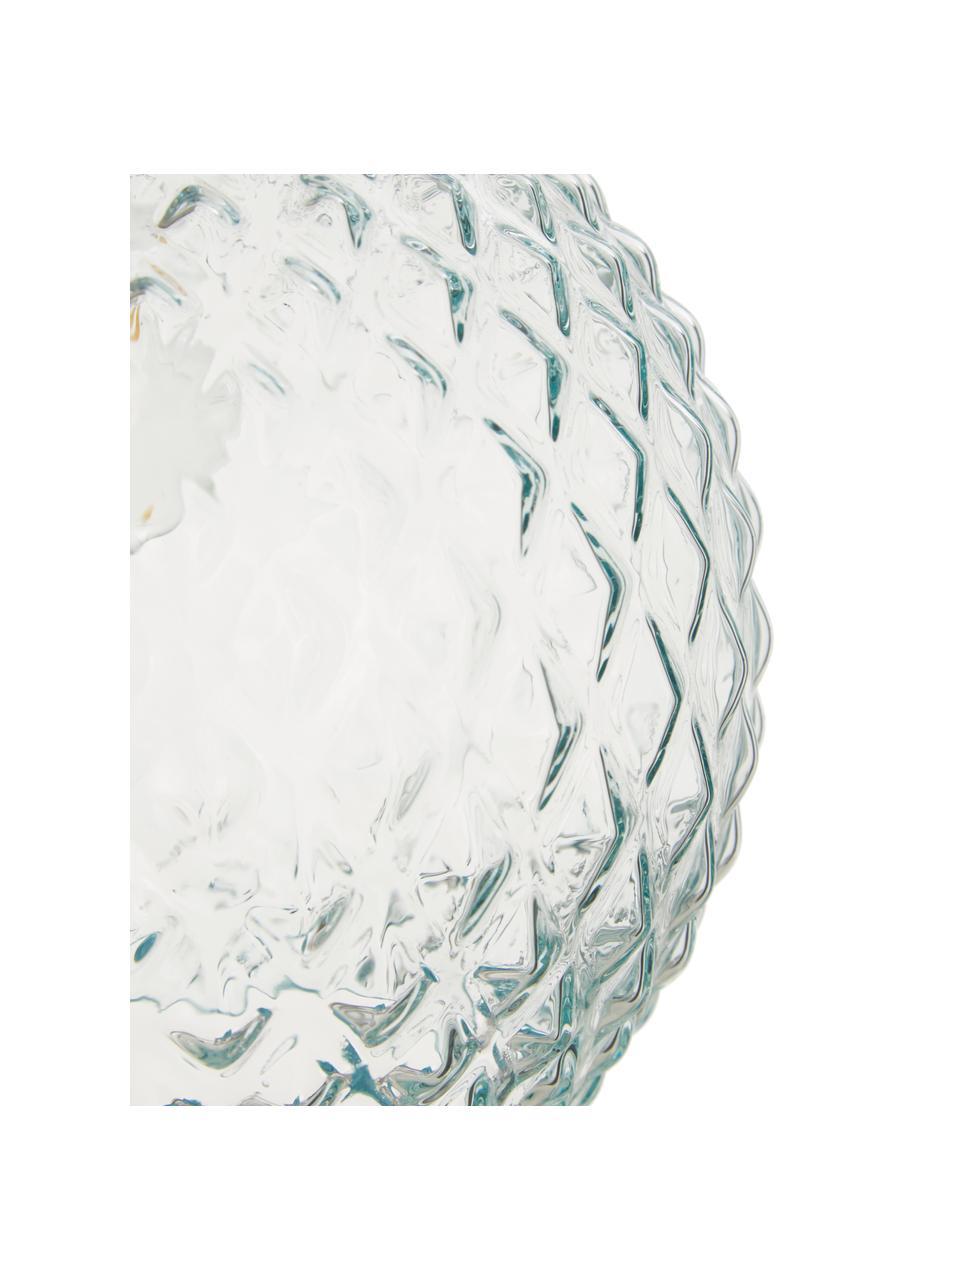 Lampada a sospensione in vetro azzurro Rania, Paralume: vetro, Baldacchino: metallo verniciato a polv, Blu trasparente, Ø 25 x Alt. 21 cm